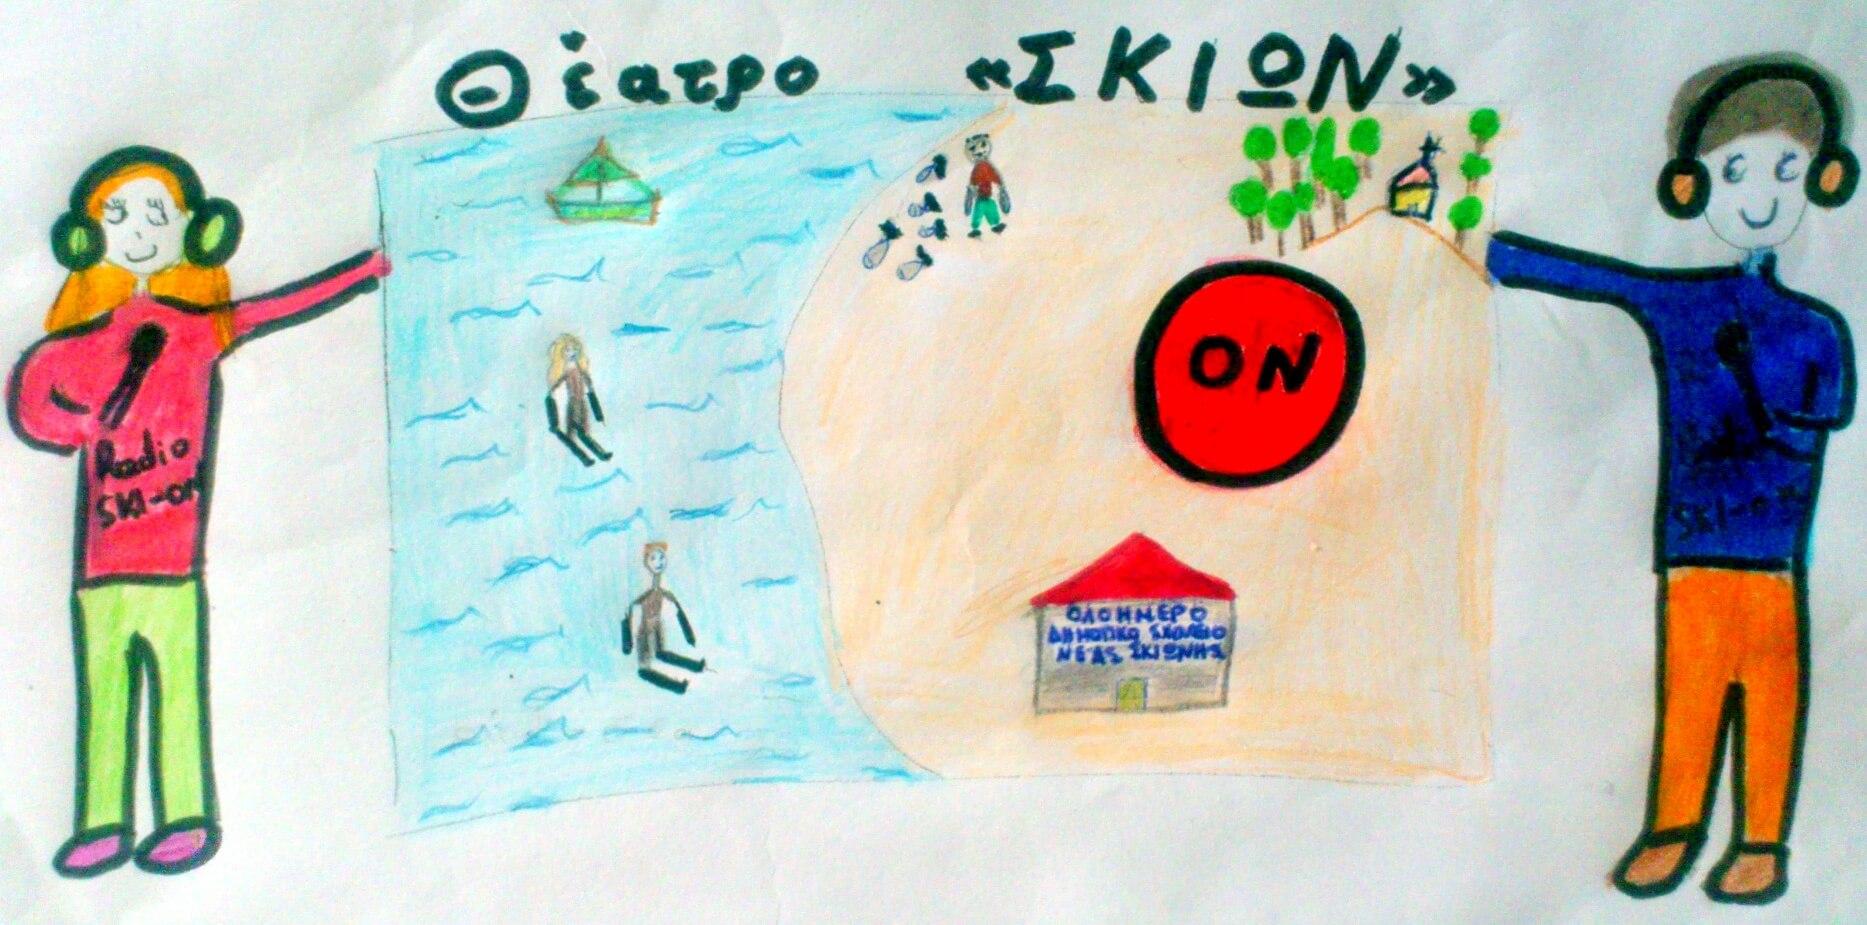 """Πρώτη εκπομπή με τίτλο """"Θέατρο ΣΚΙΩΝ"""" των Radio Ski-ON το Σάββατο 16/01/16 και ώρα 11.30 π.μ."""